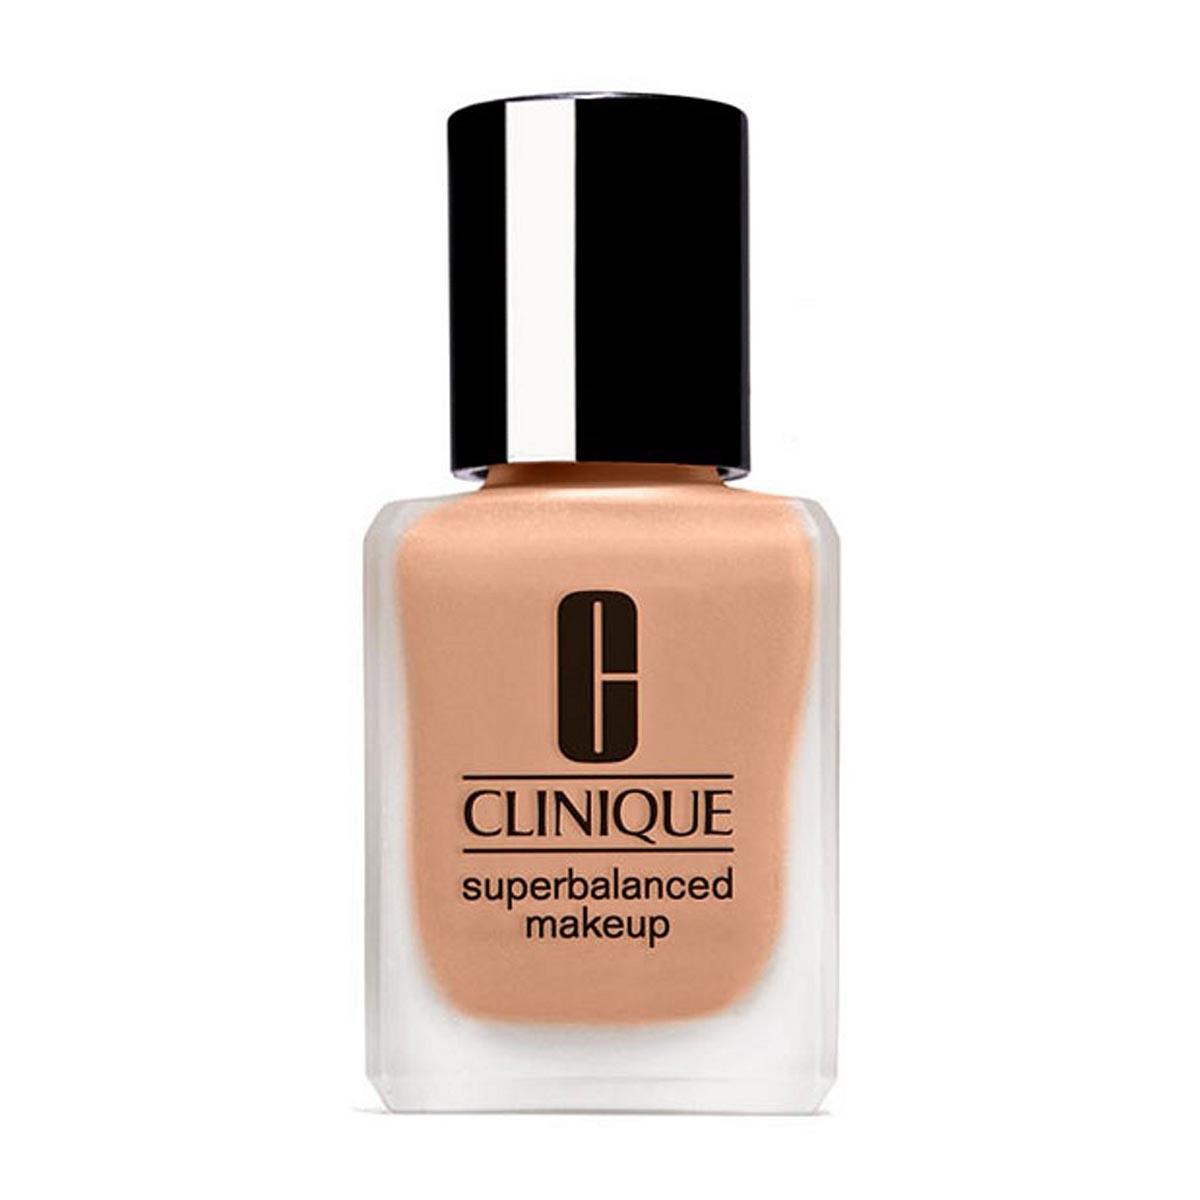 Clinique superbalanced make up spf15 14 suede